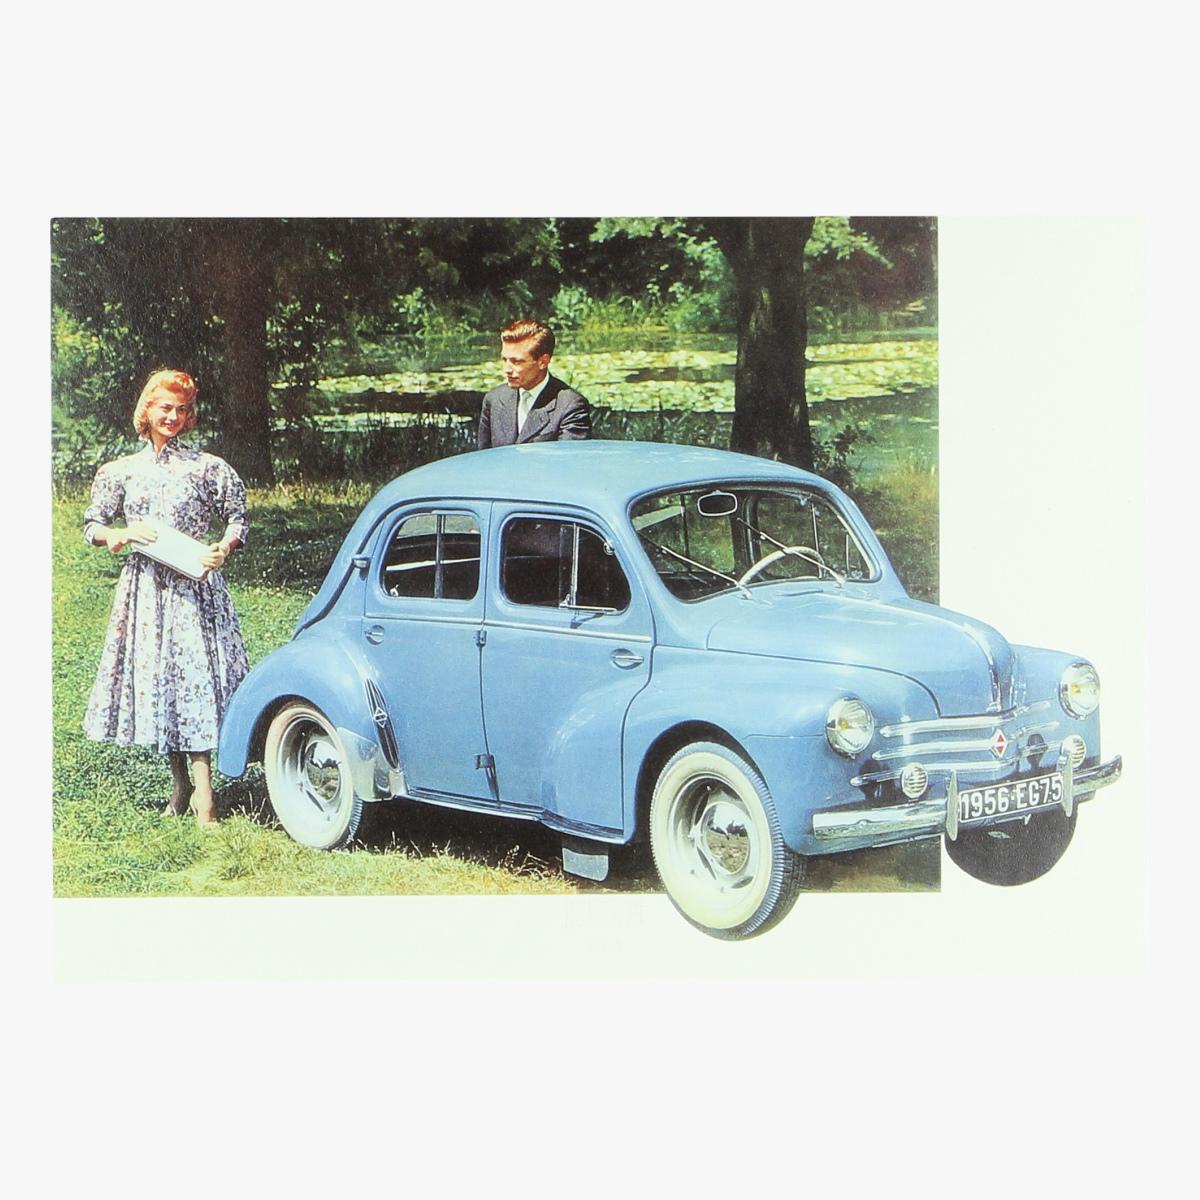 Afbeeldingen van La 4 cv Renault 1956 repro